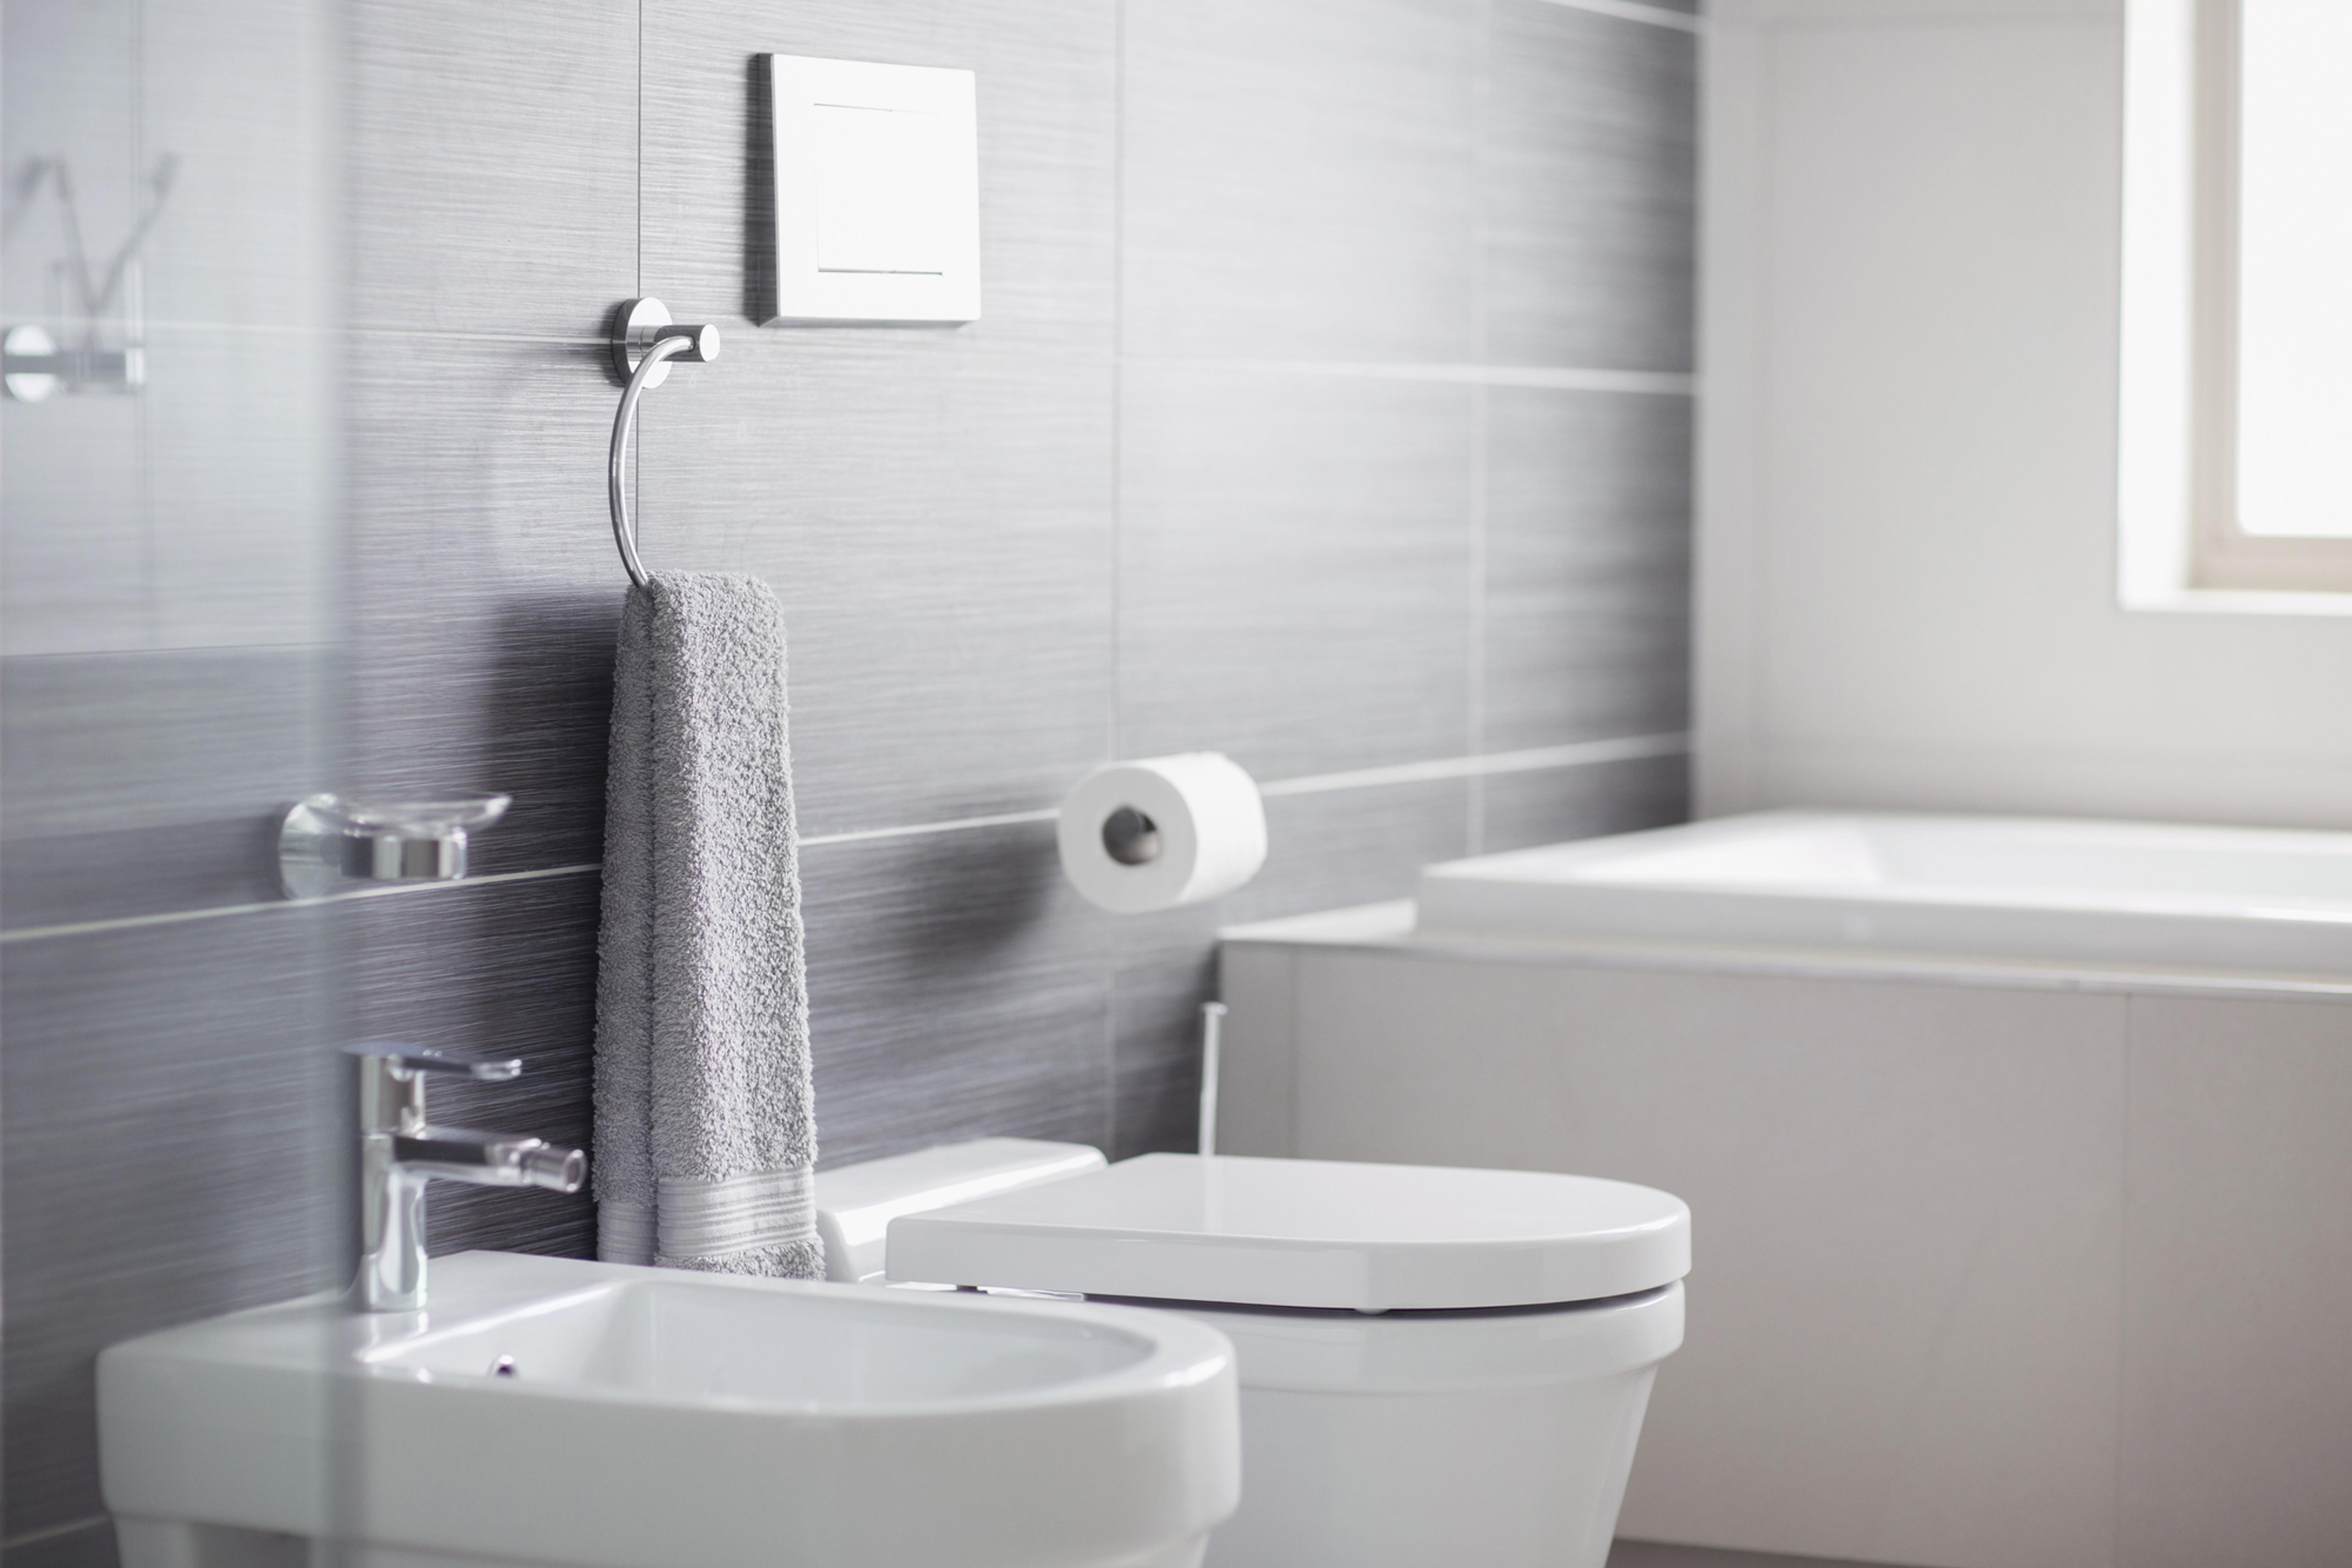 Bath / Restroom service